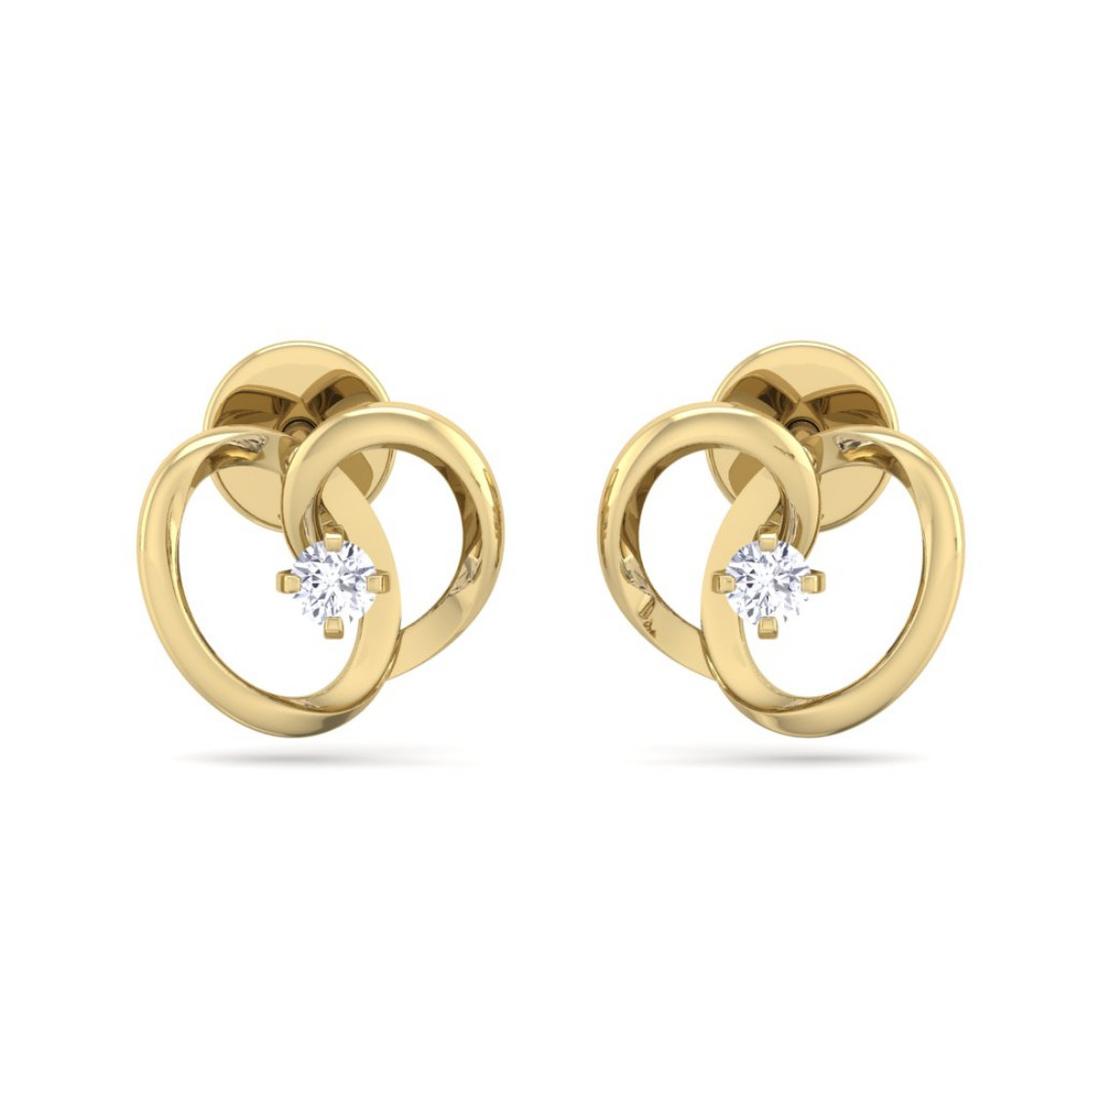 Single Diamond Studded Prong Set Heart Shape Earring For Women